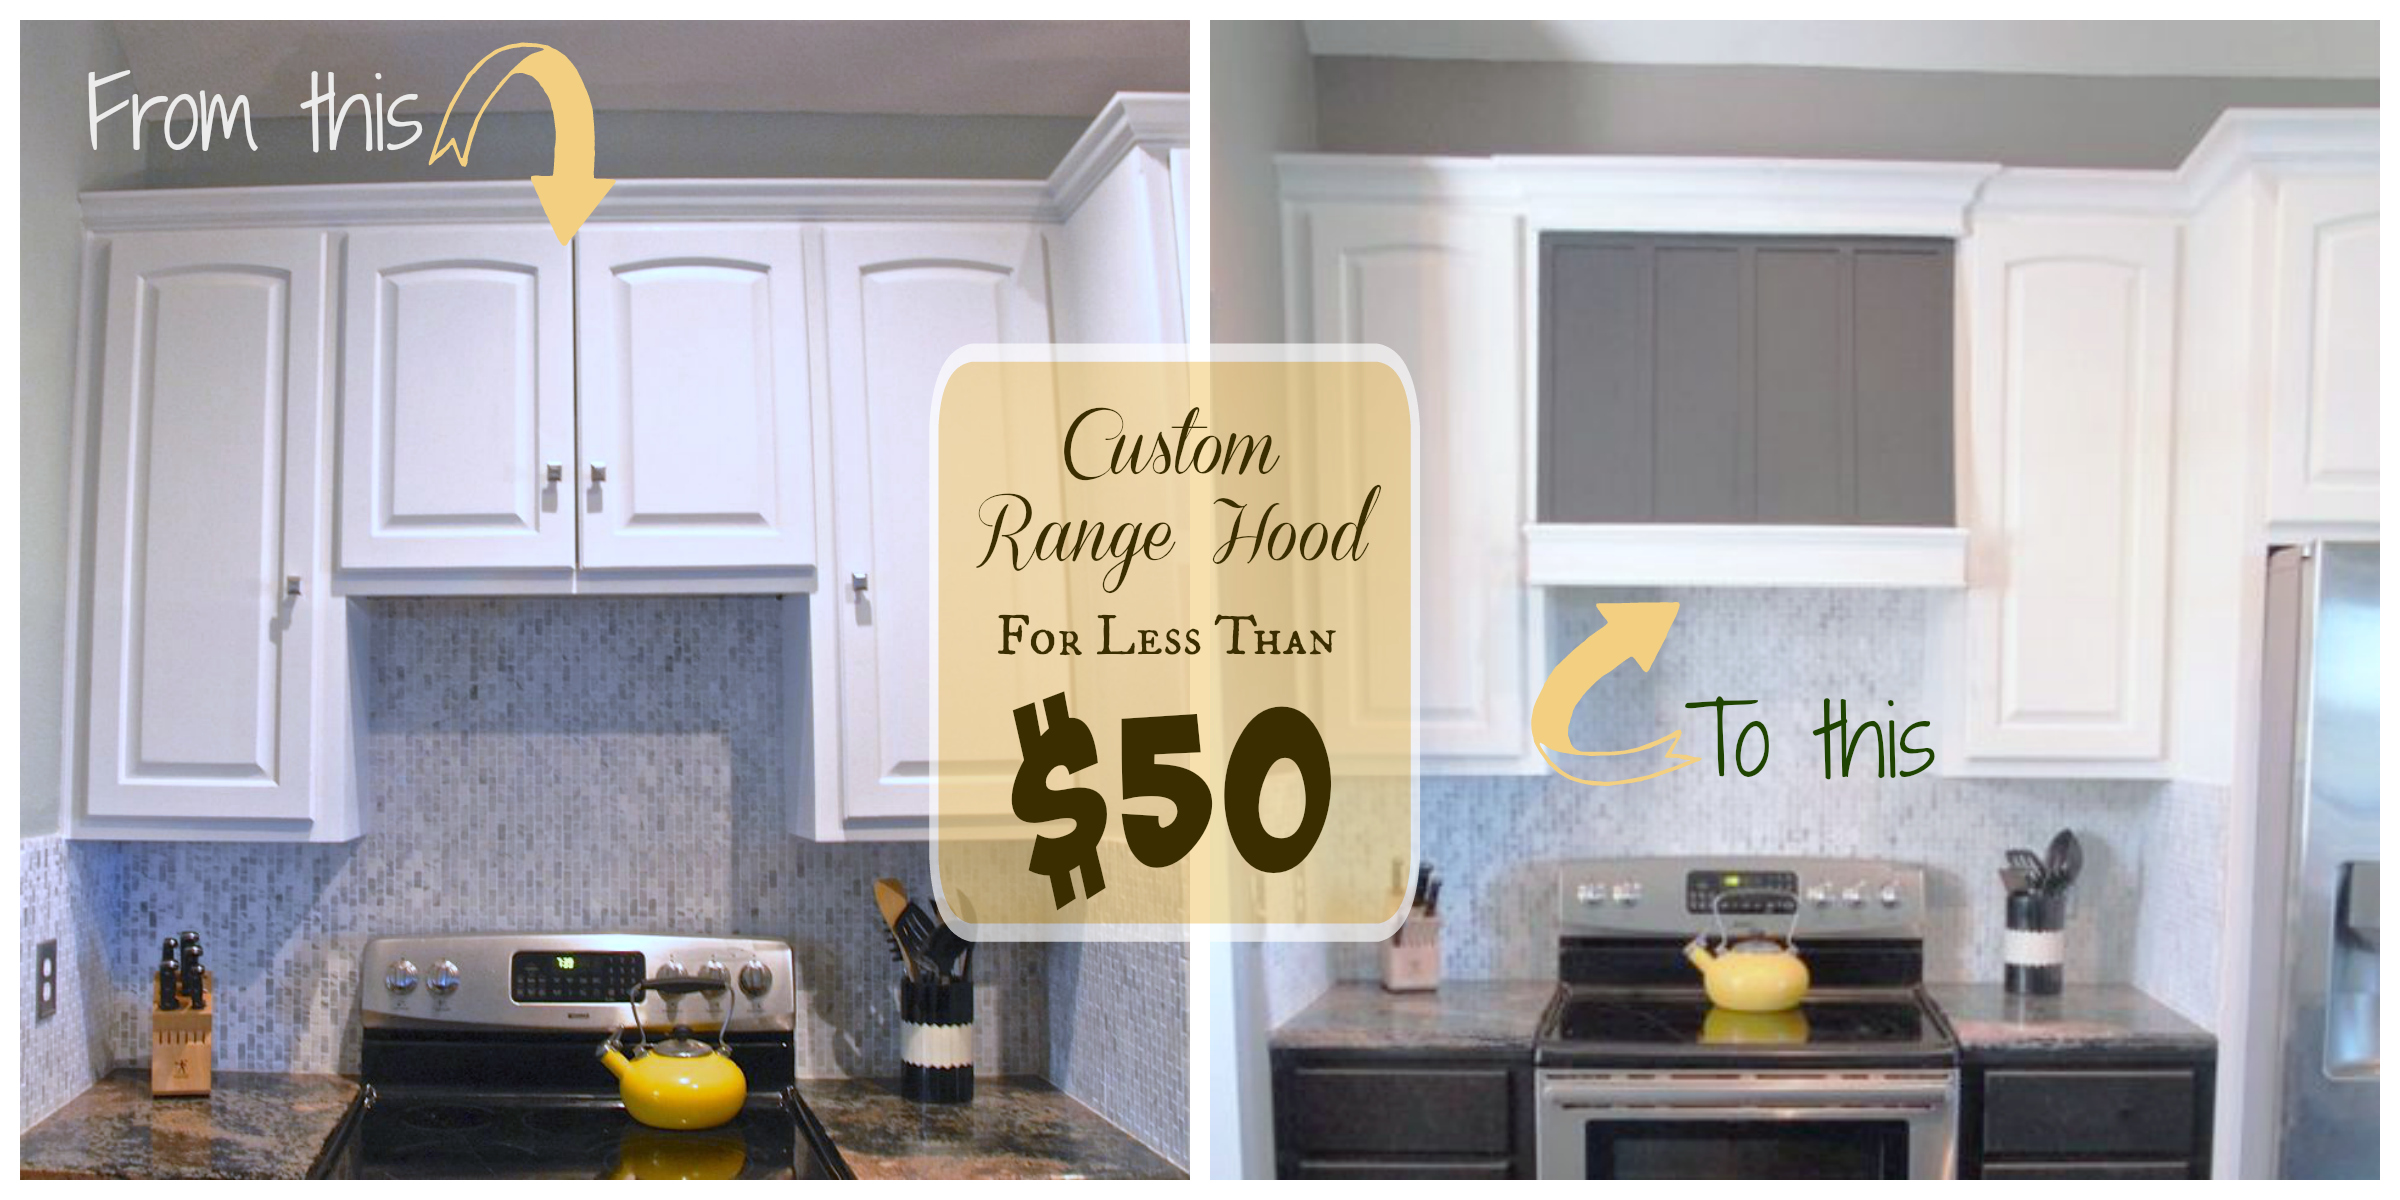 Custom Range Hood For Less Than 50